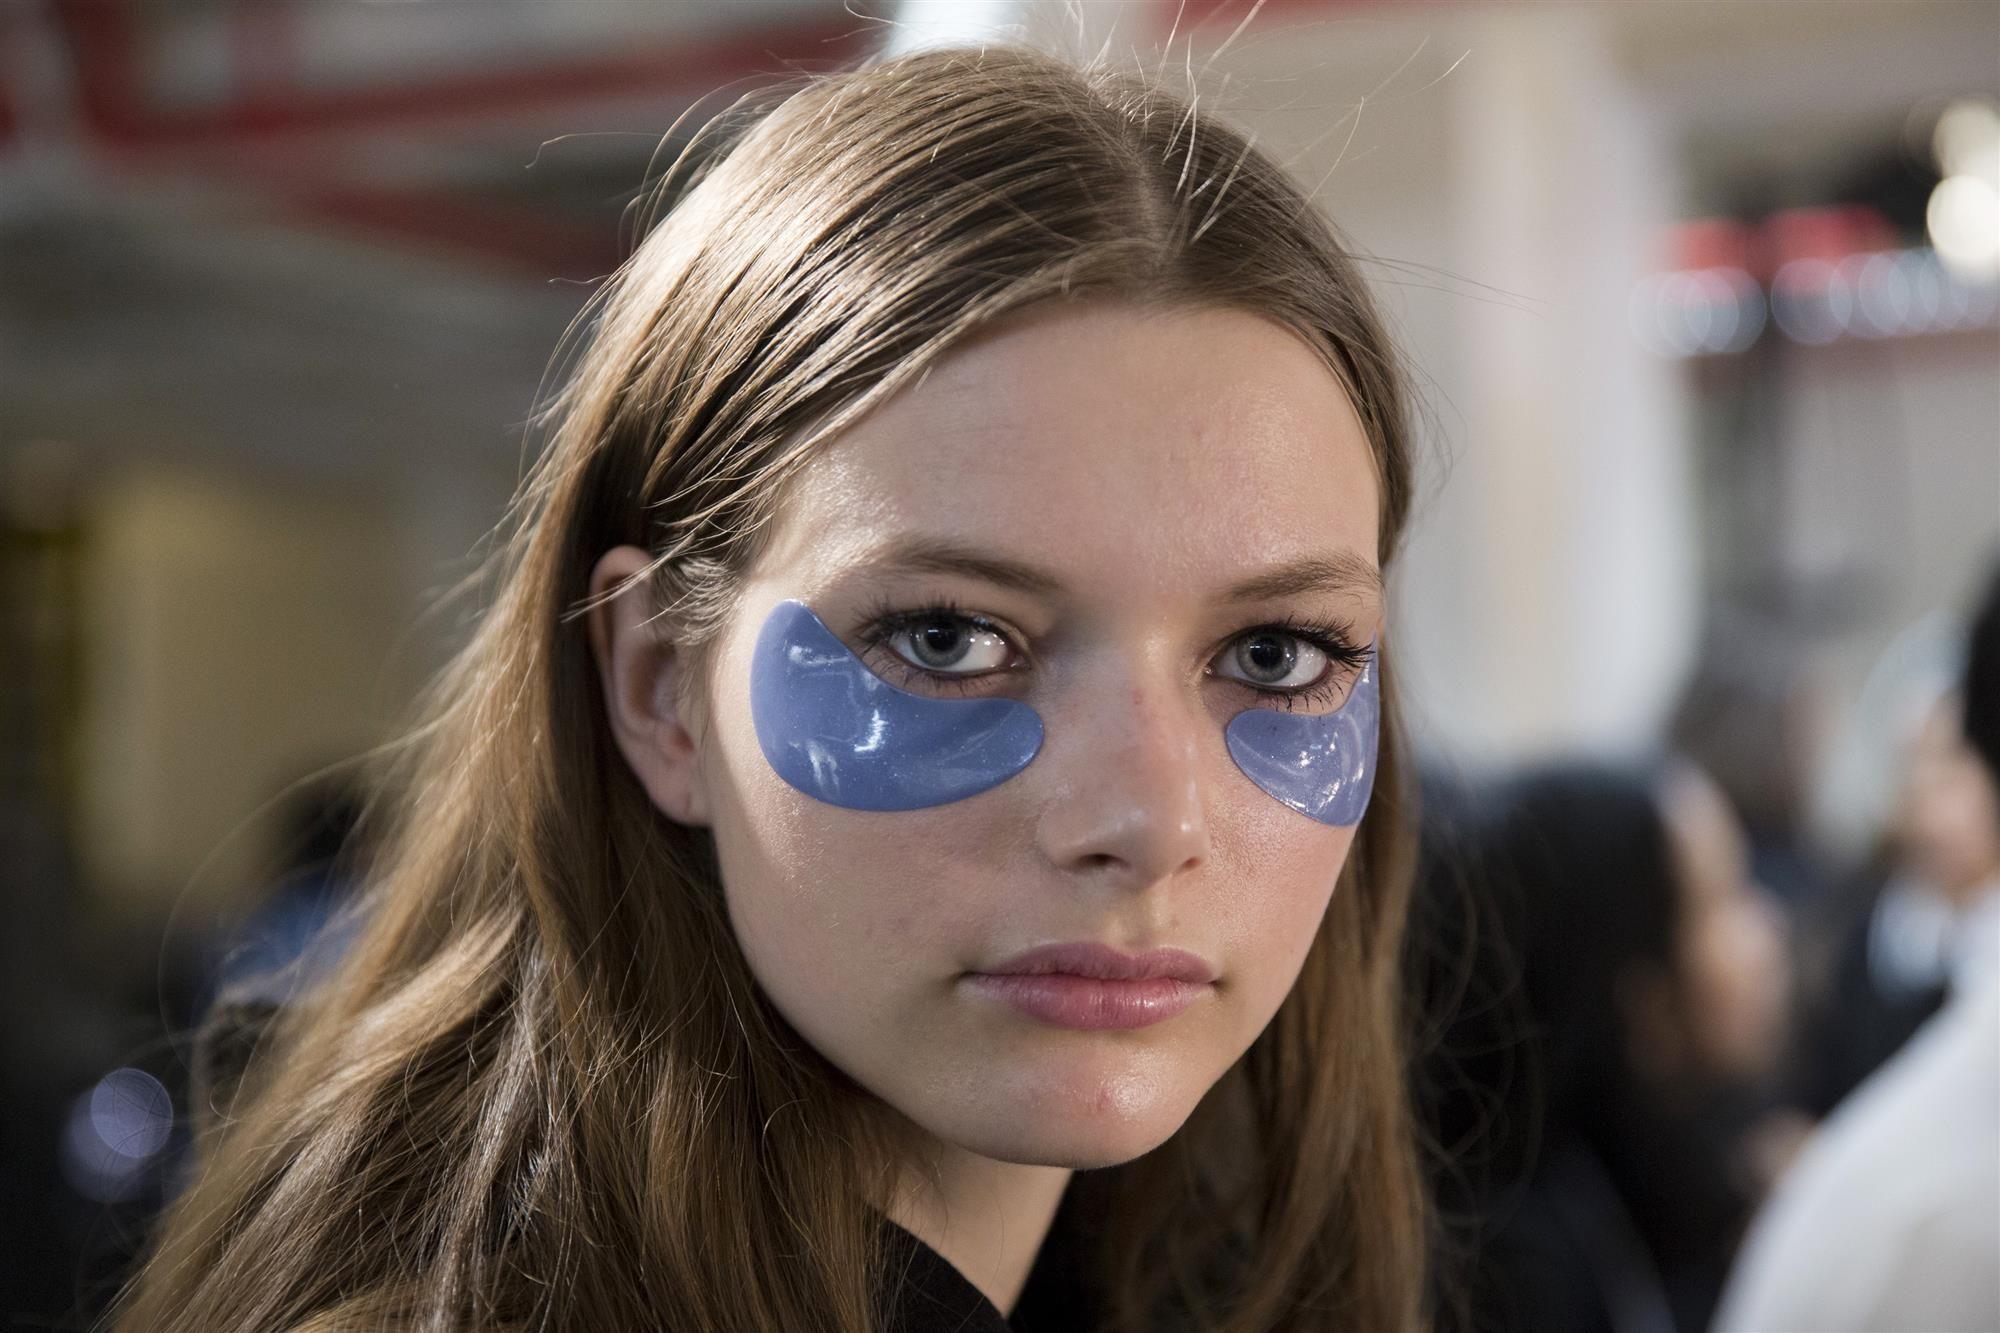 Esto es lo que NUNCA debes hacer cuando te maquillajes